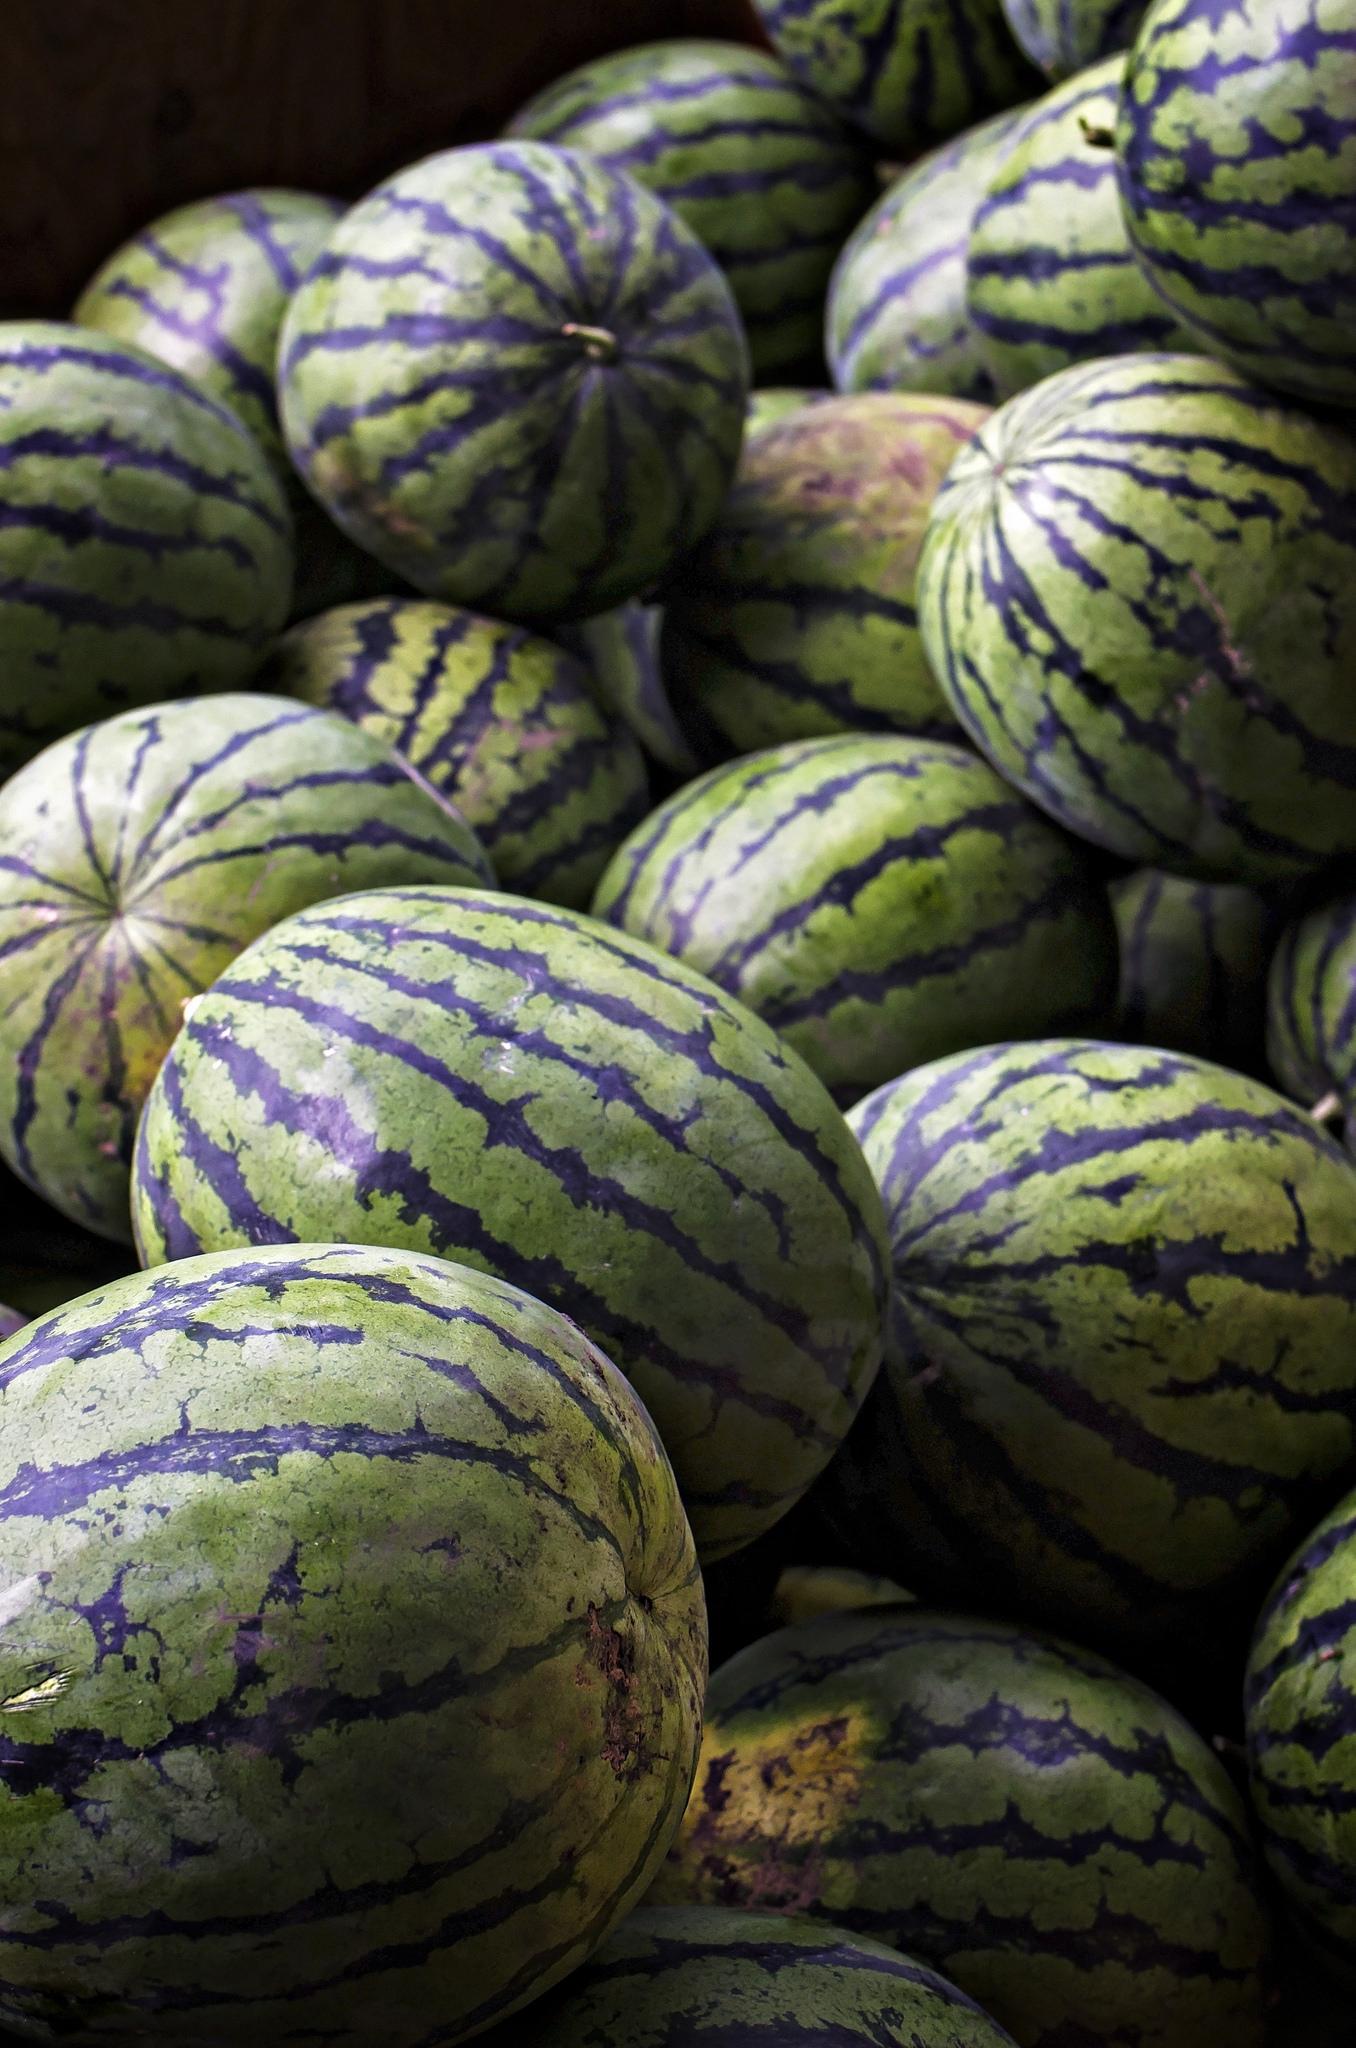 kristine_watermelons_spiritedtable_photo1.jpg